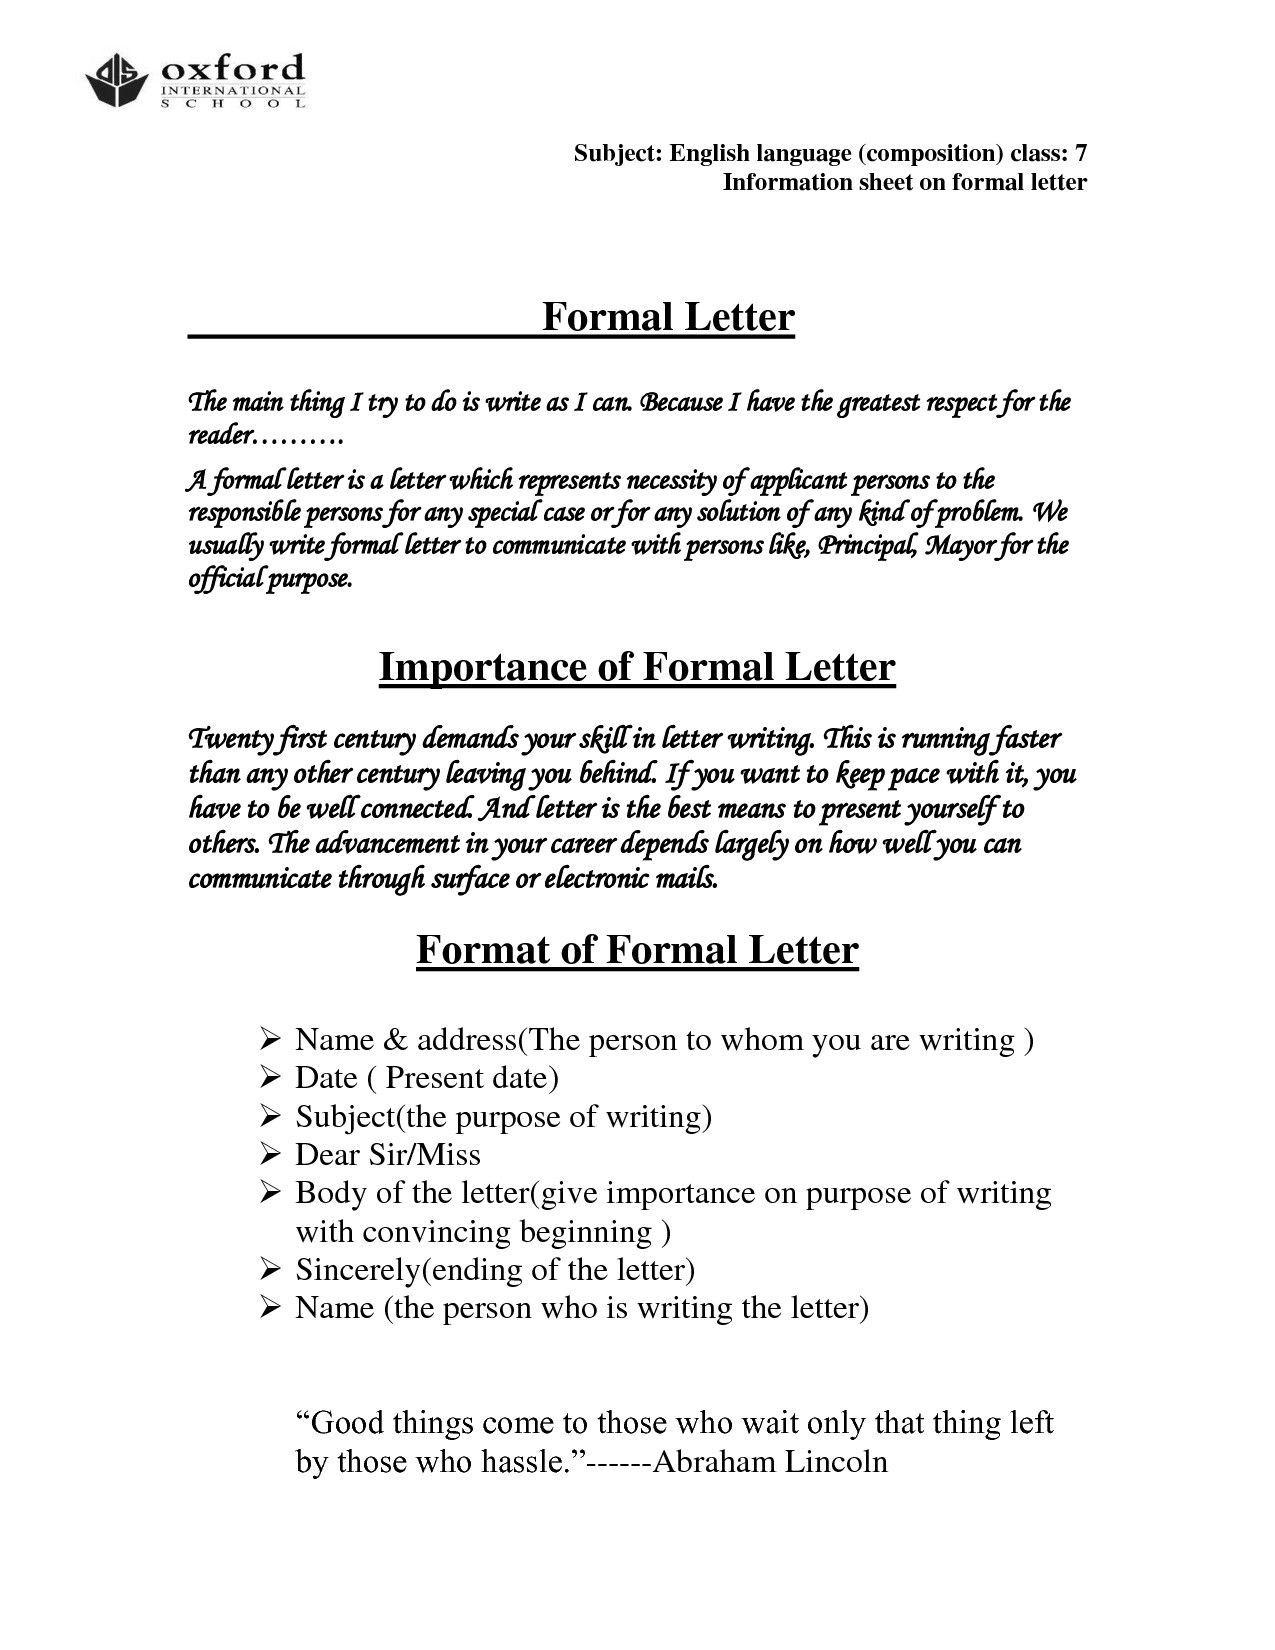 006 Shocking Hindi Letter Writing Format Pdf Free Download Inspiration Full